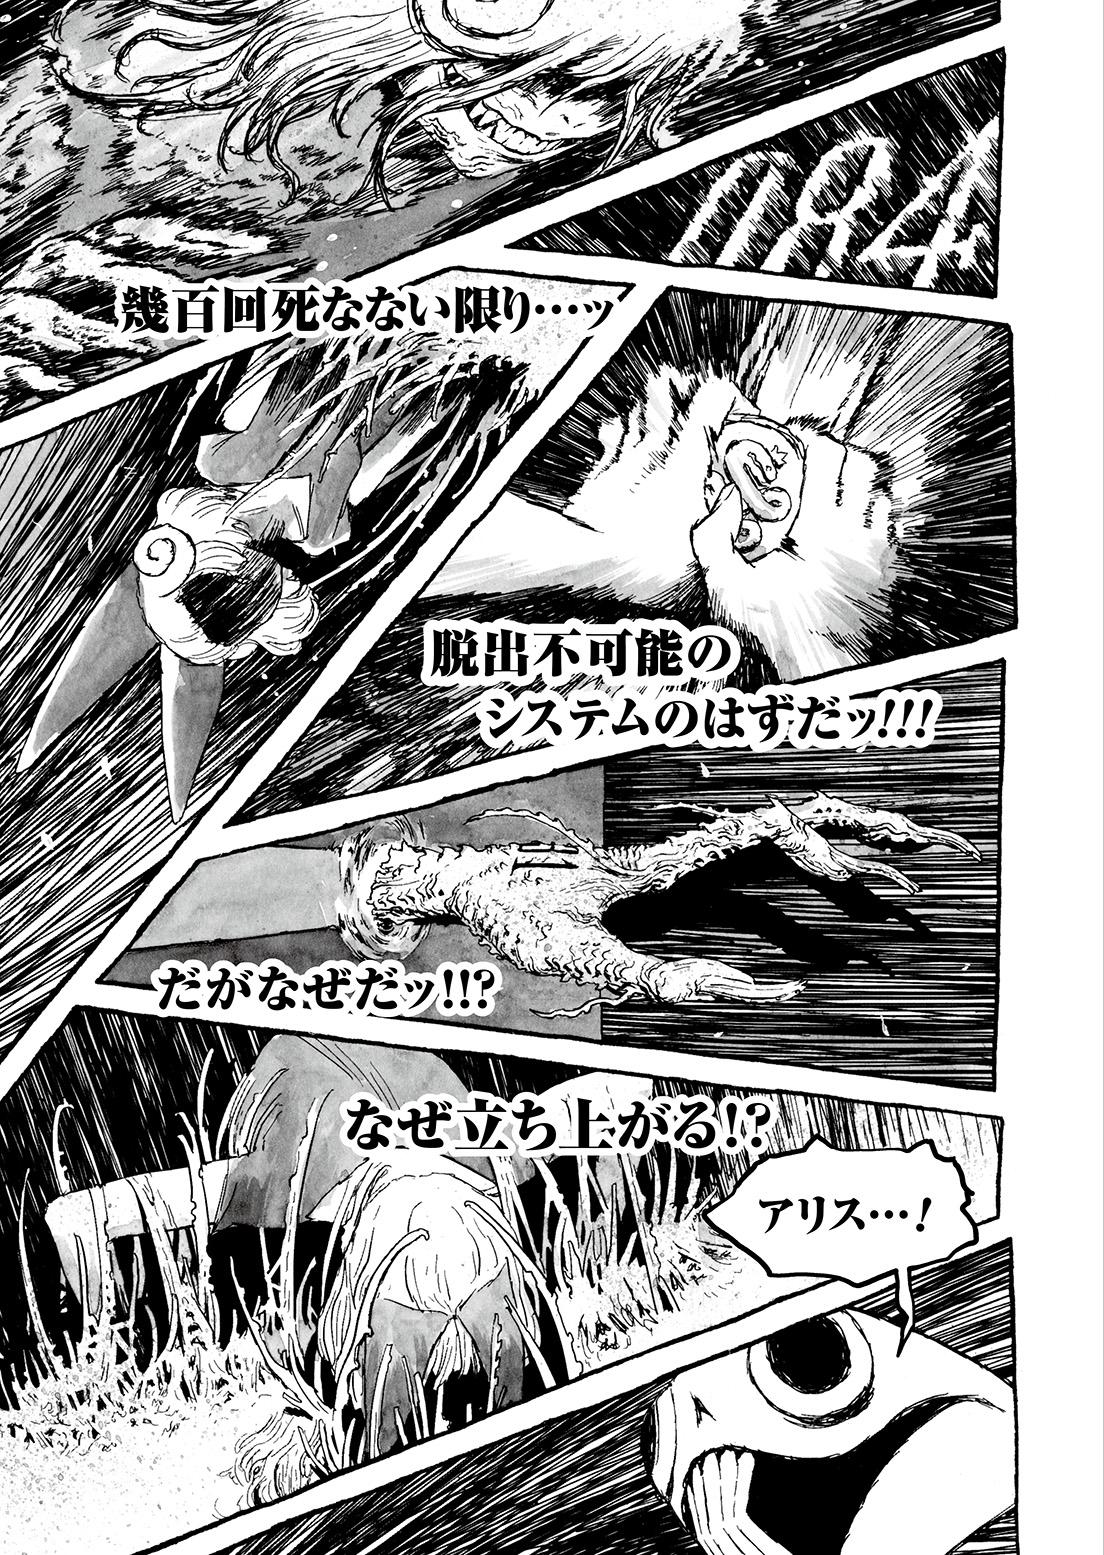 長編漫画「BIBLIOMANIA」第8話「来客」7P